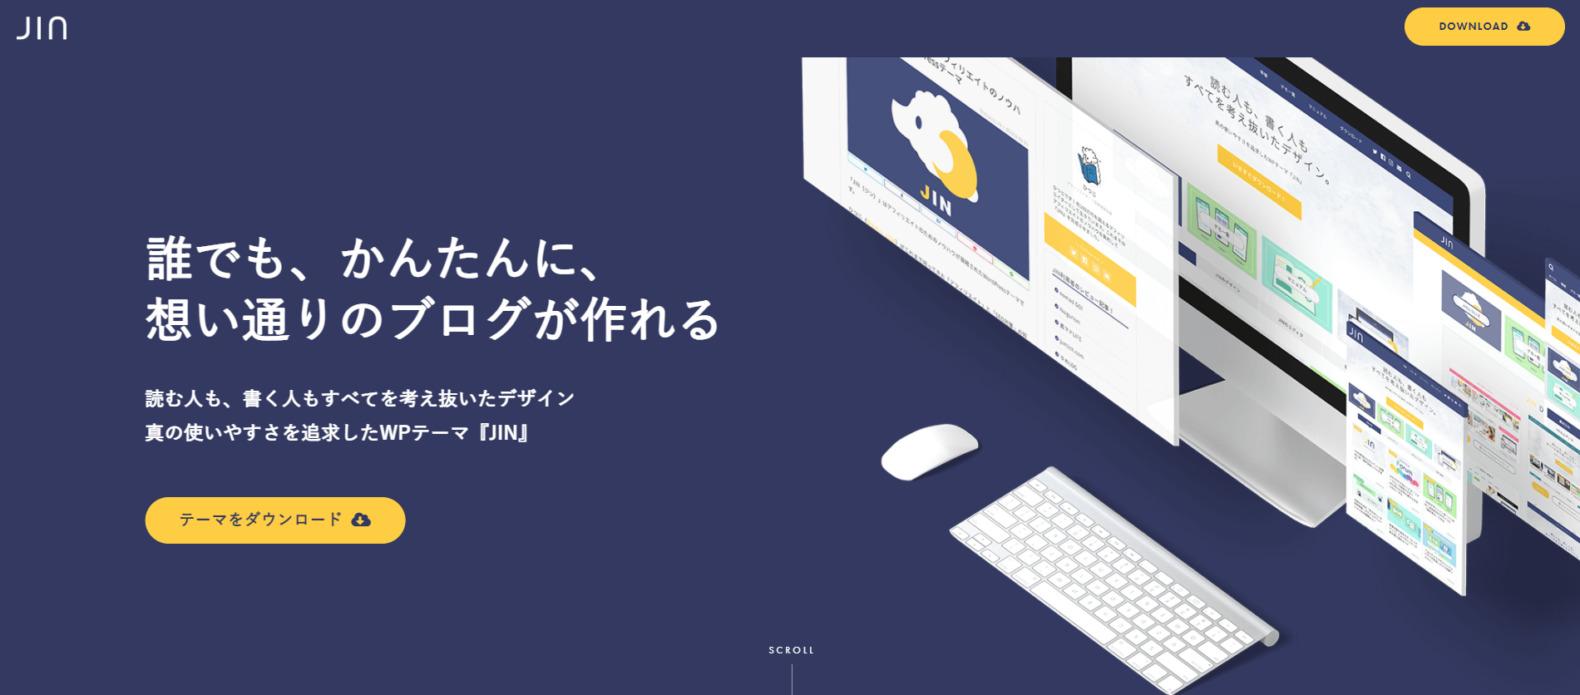 【ワードプレス有料テーマ】JIN